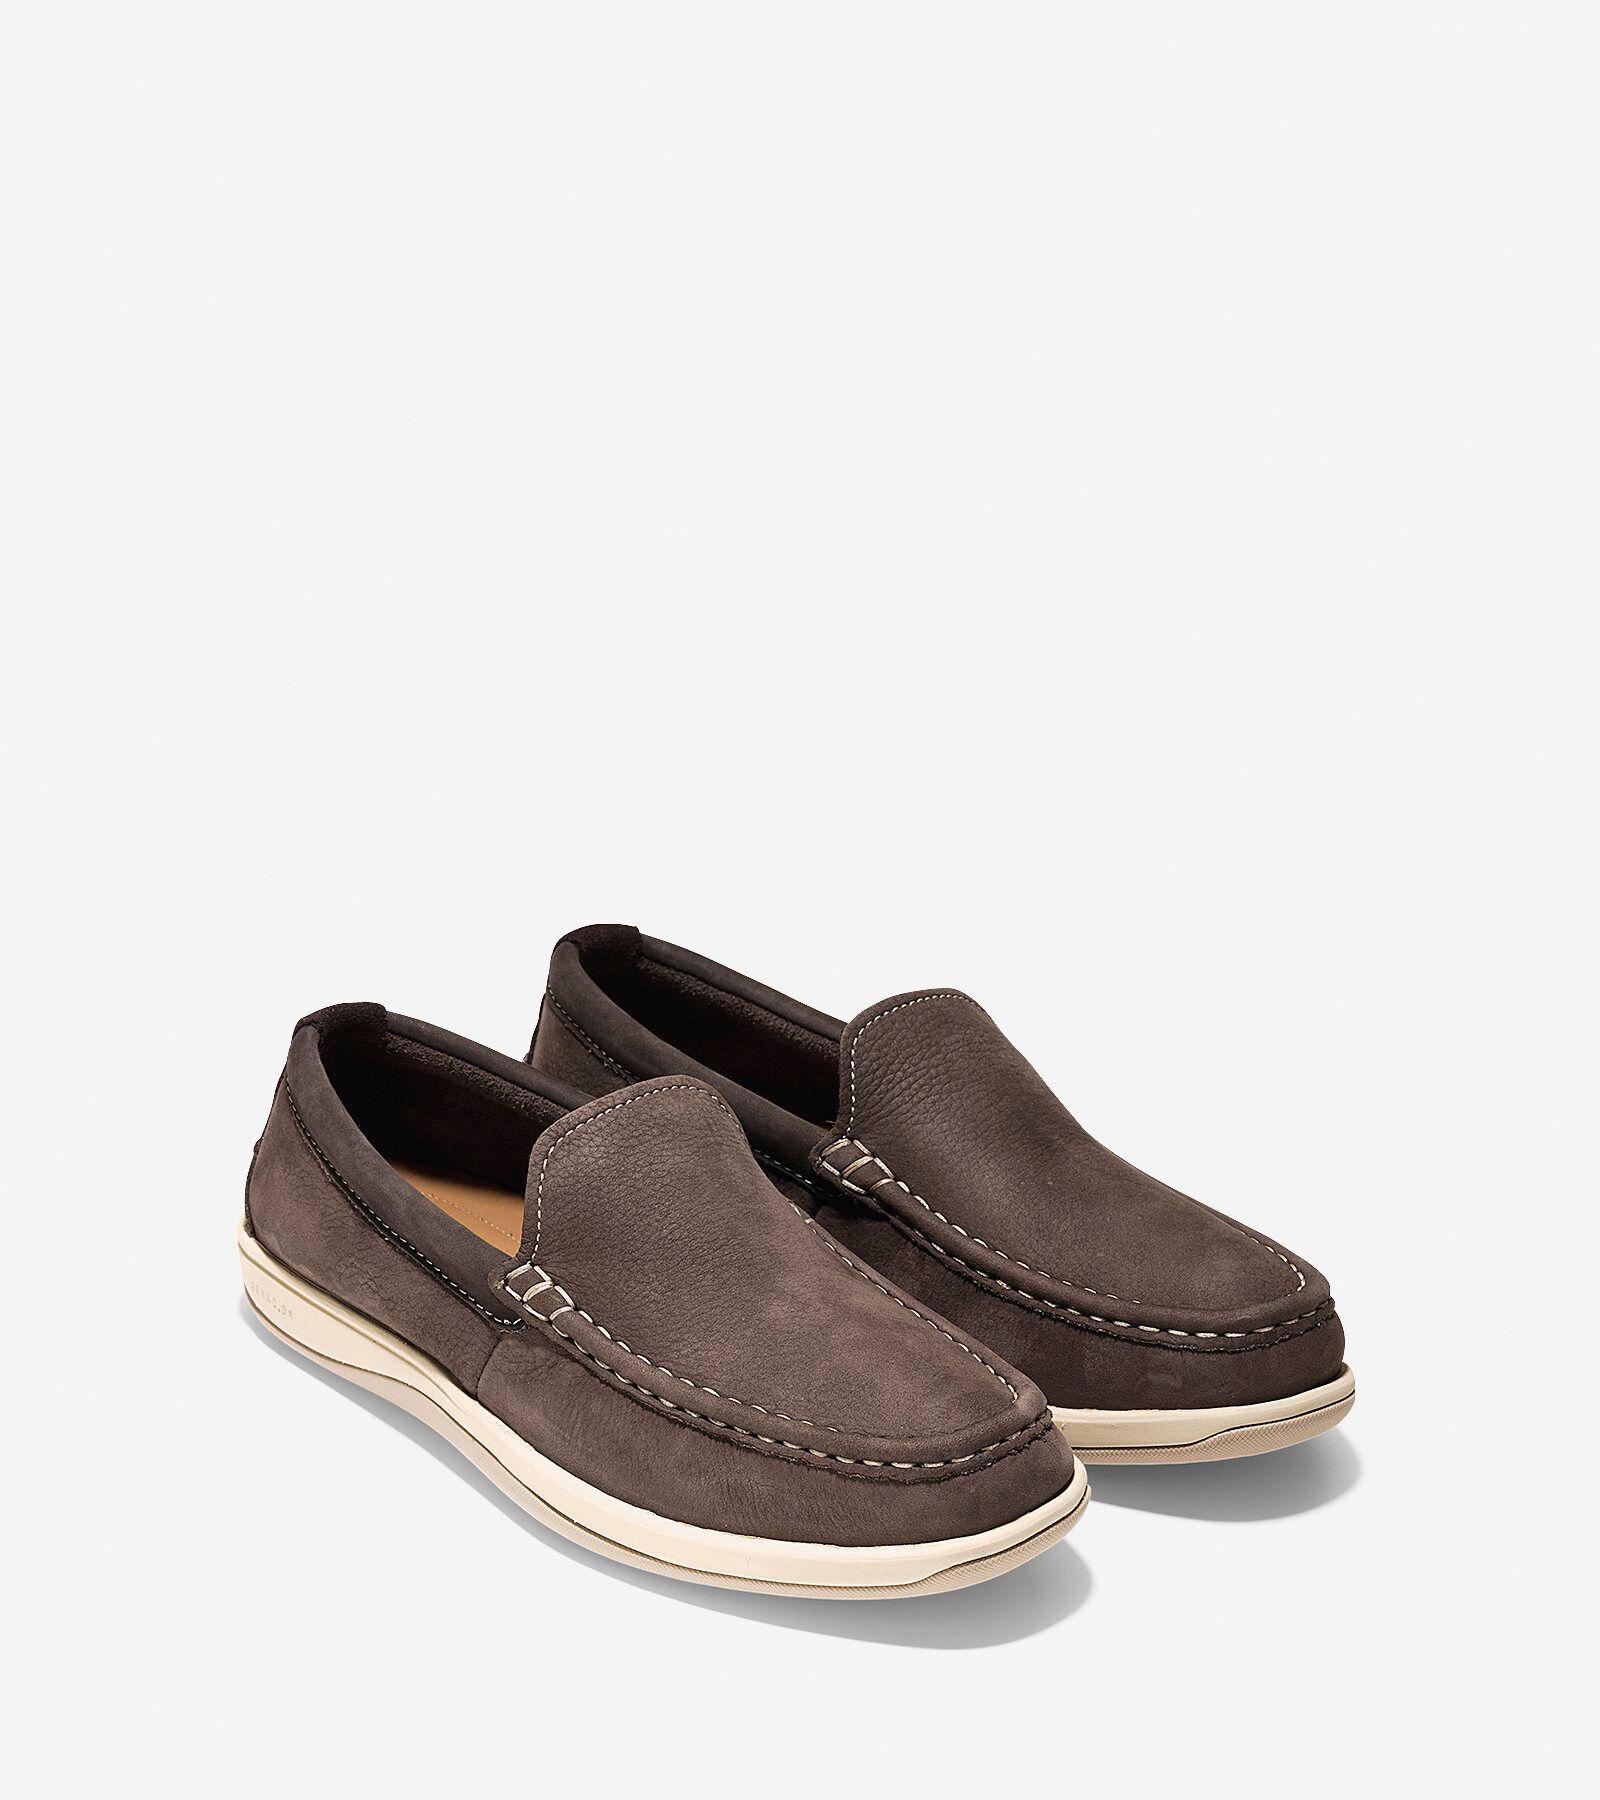 ... Boothbay Slip On Loafer · Boothbay Slip On Loafer. #colehaan